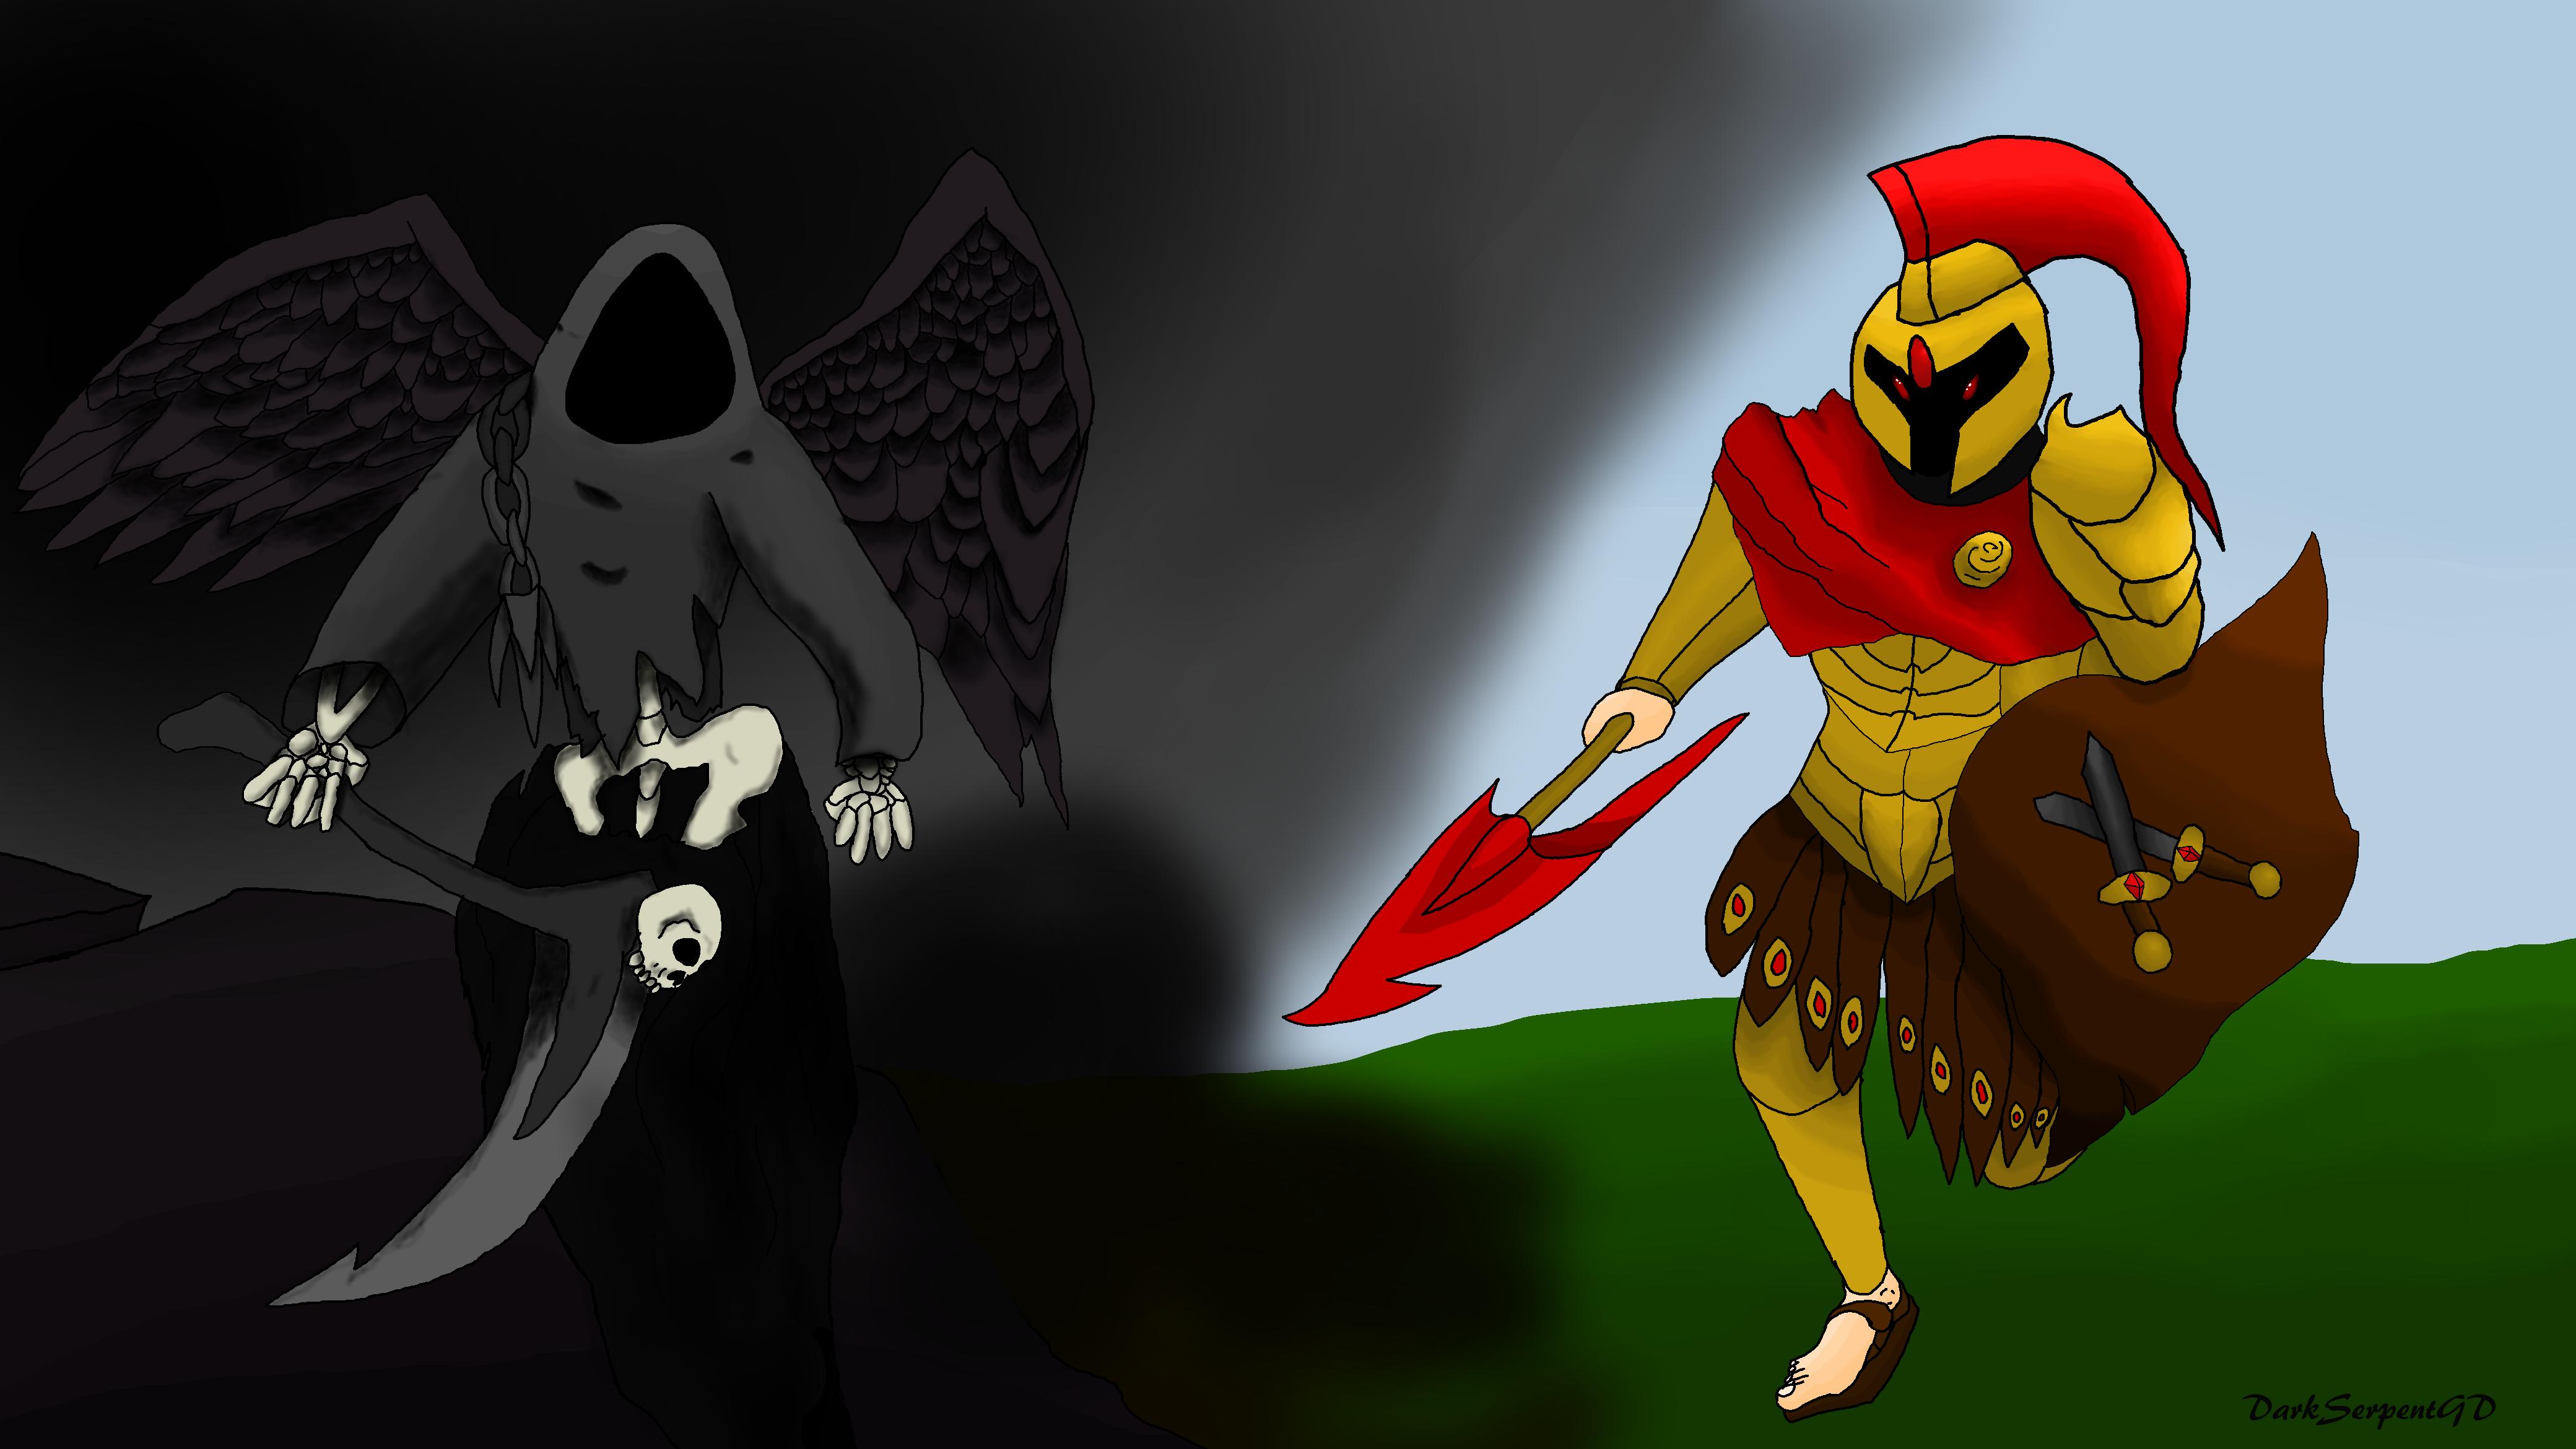 Thanatos VS Ares